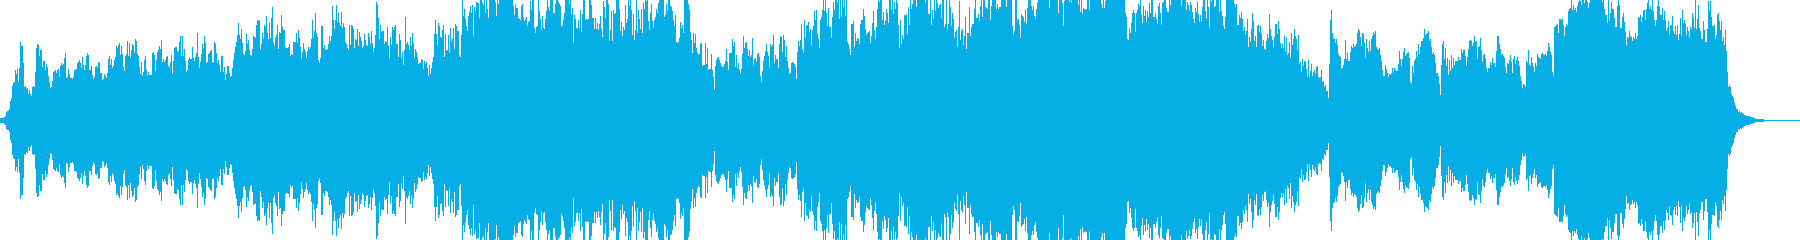 オーケストラ映画のインストゥルメン...の再生済みの波形